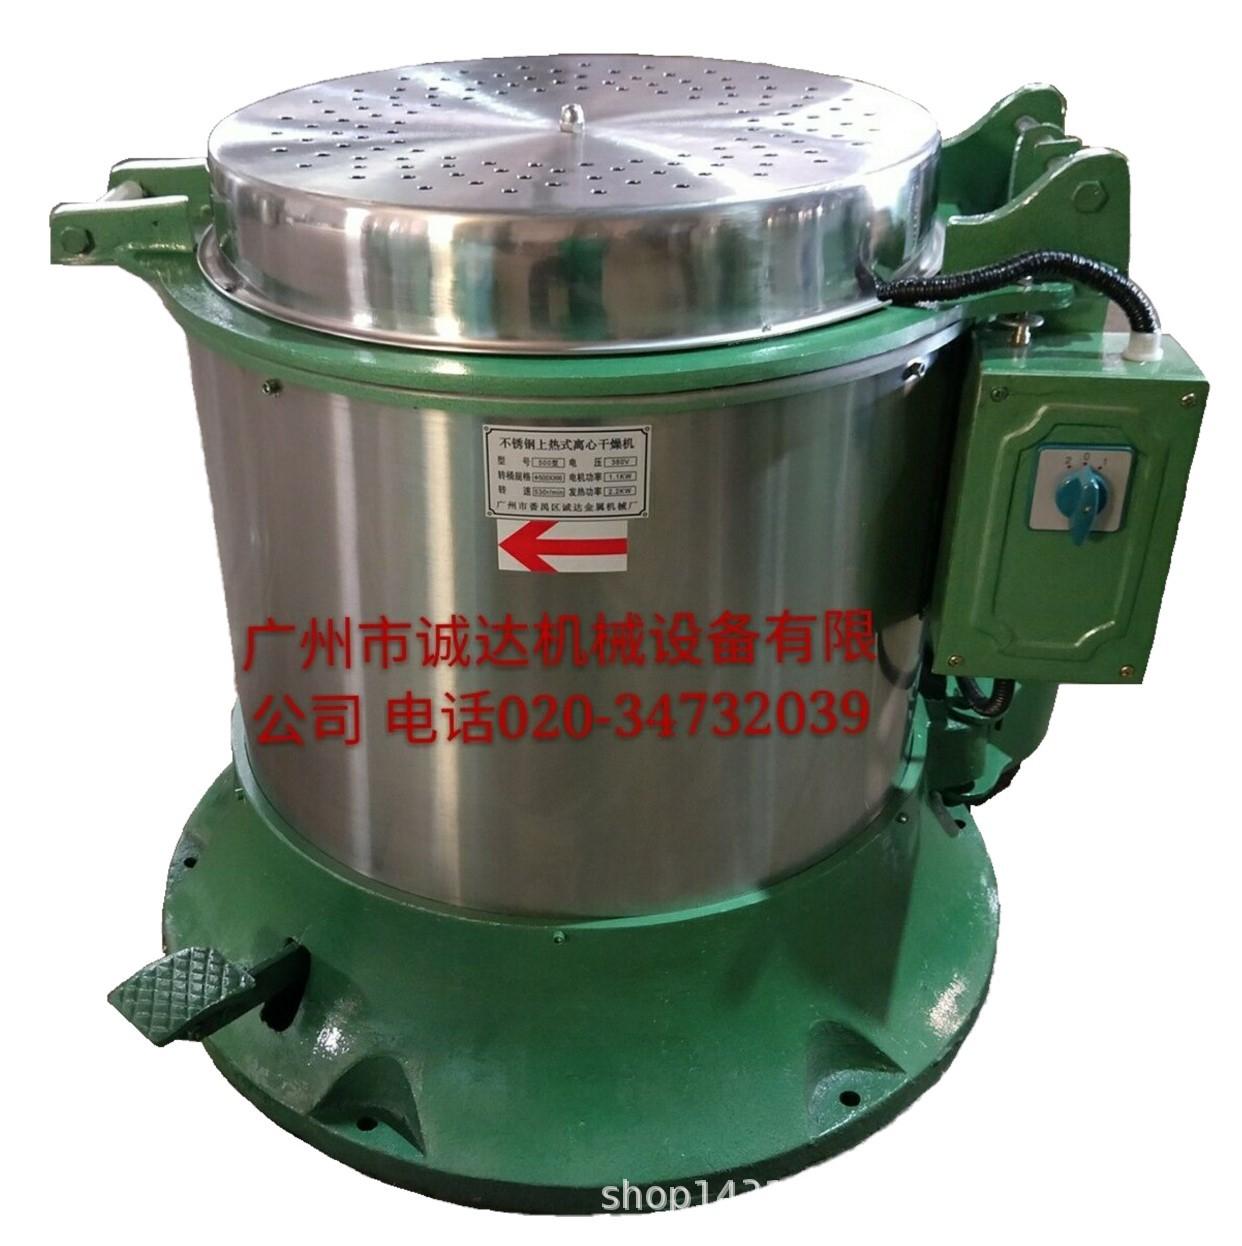 工业离心干燥机不锈钢脱水烘干机厂家直销甩油机